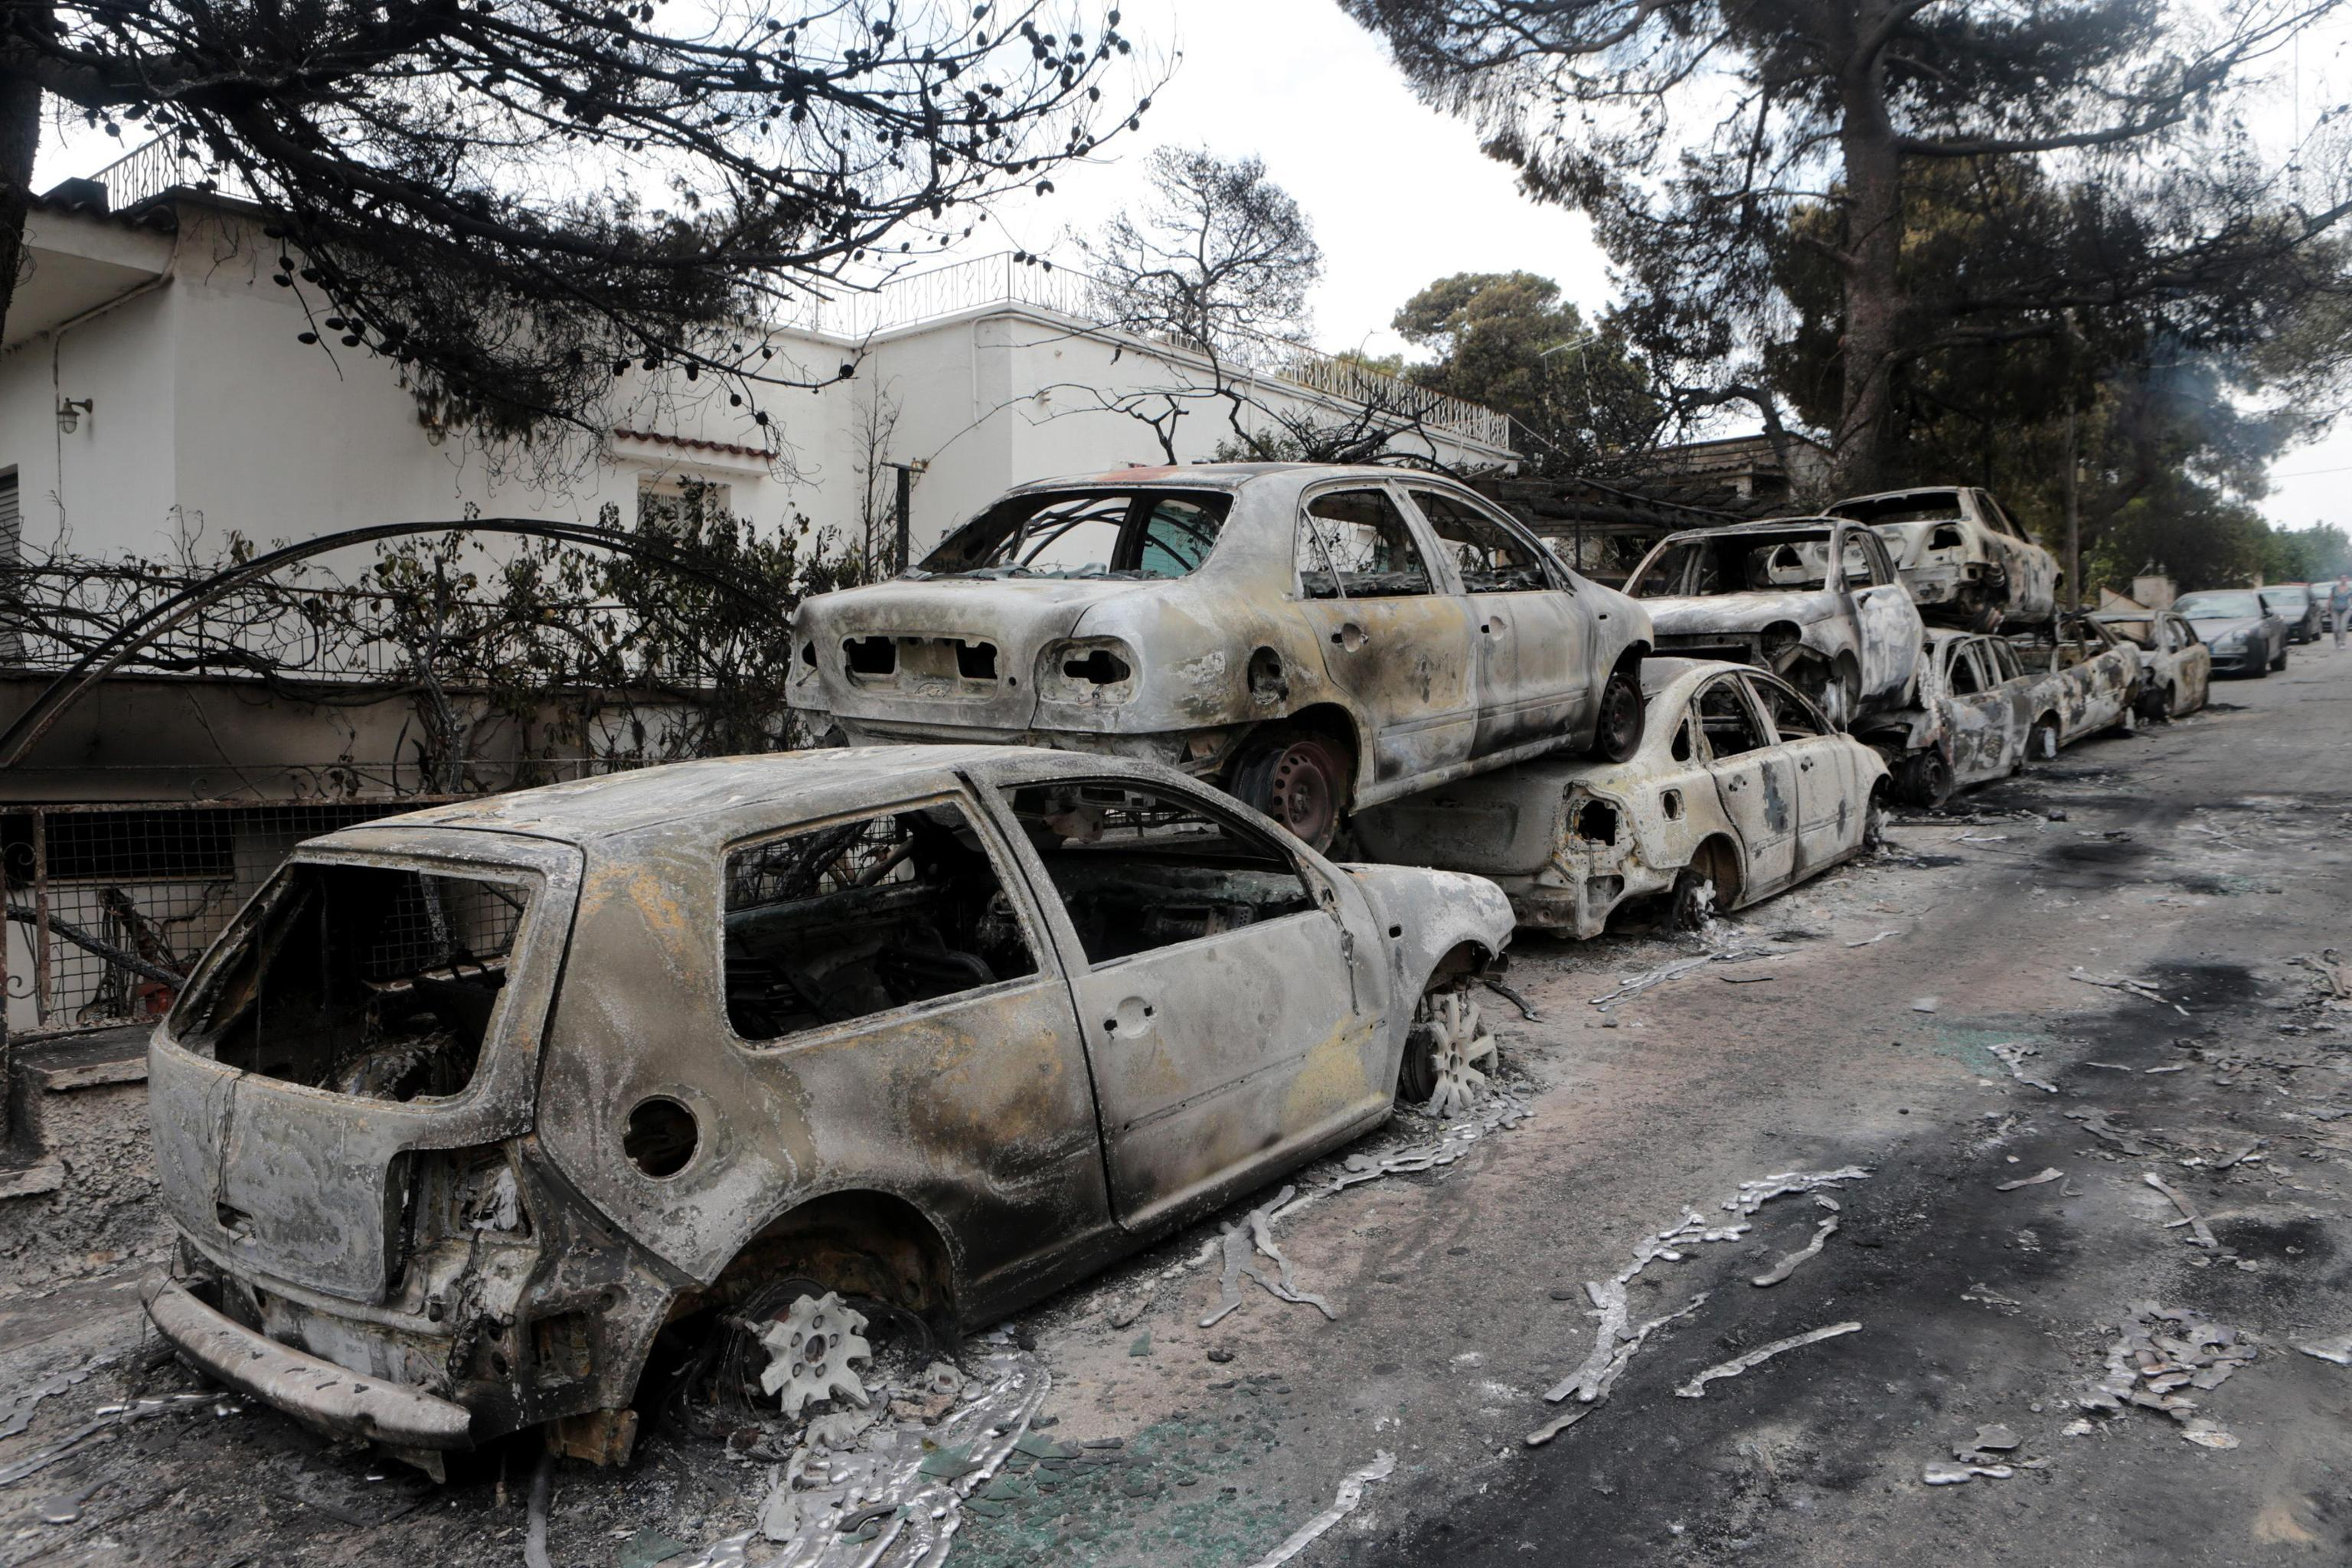 Incendio ad Atene: la lettera commovente di una madre che ha perso marito e figli